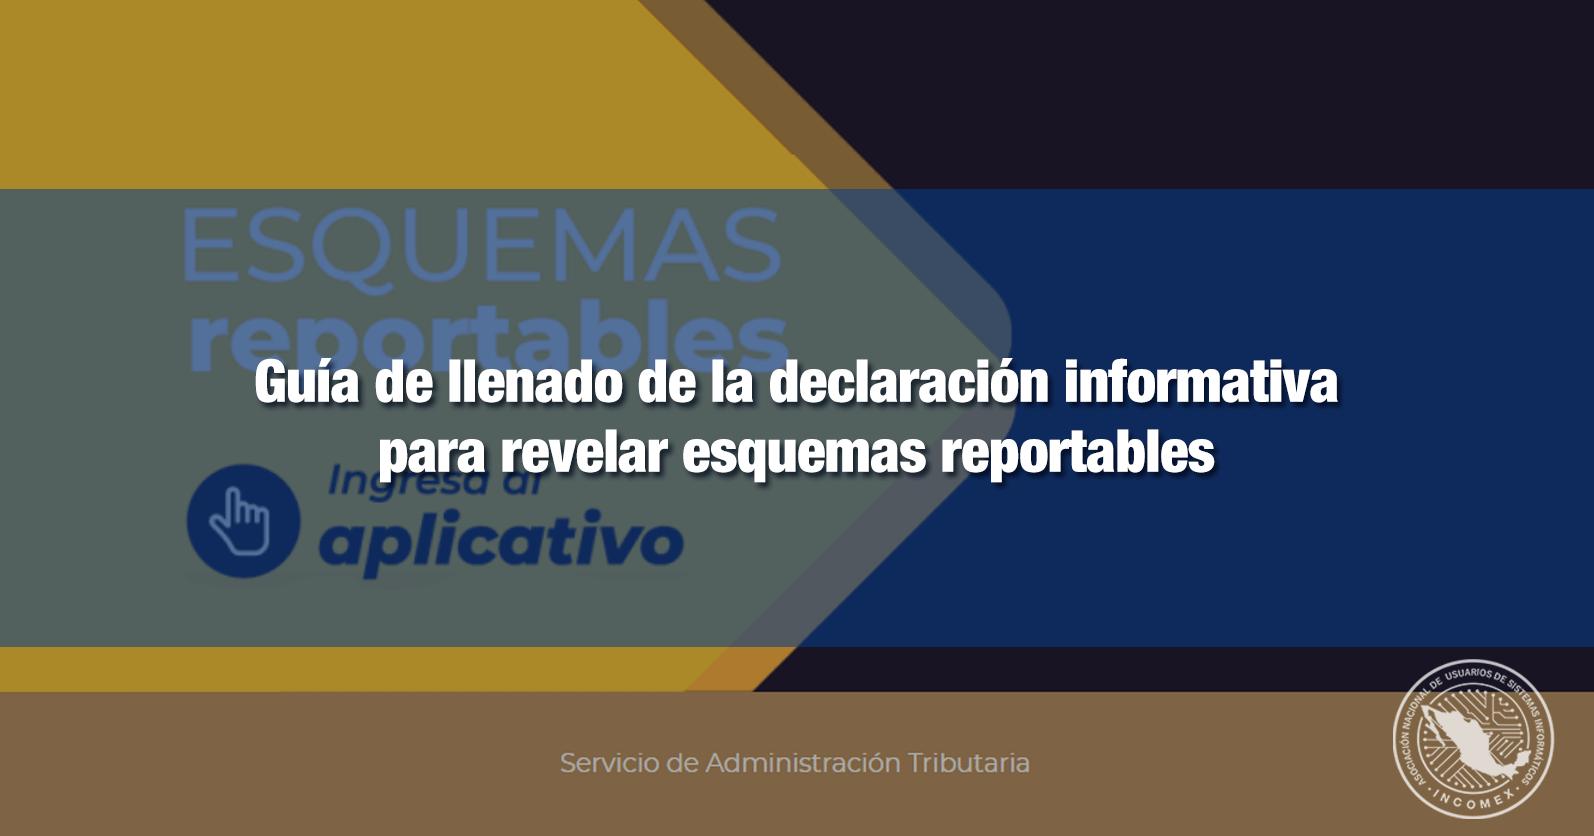 Guía de llenado de la declaración informativa para revelar esquemas reportables